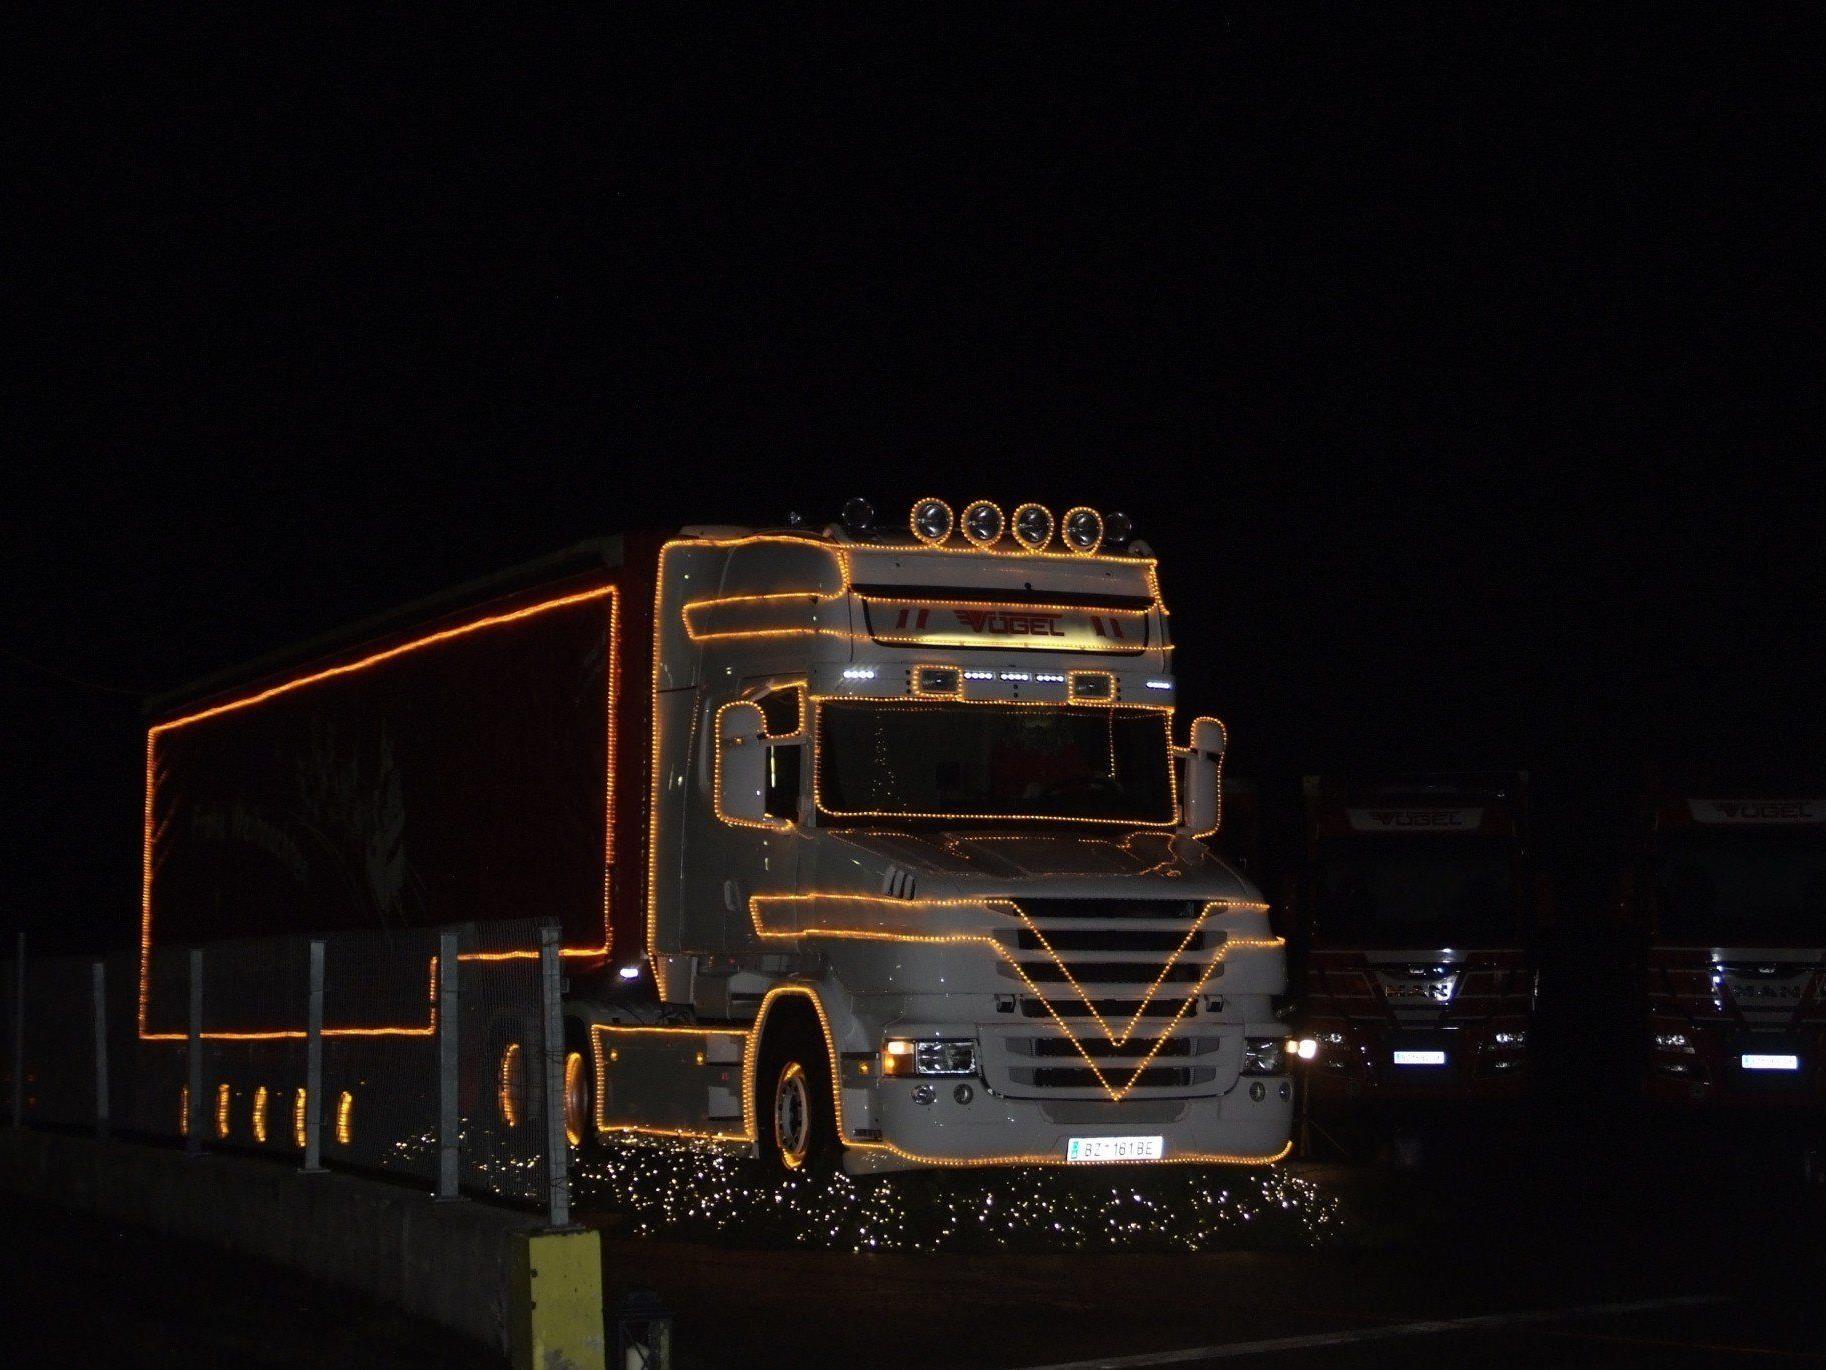 Der beleuchtete Truck ziert in der Adventszeit das Firmengelände.